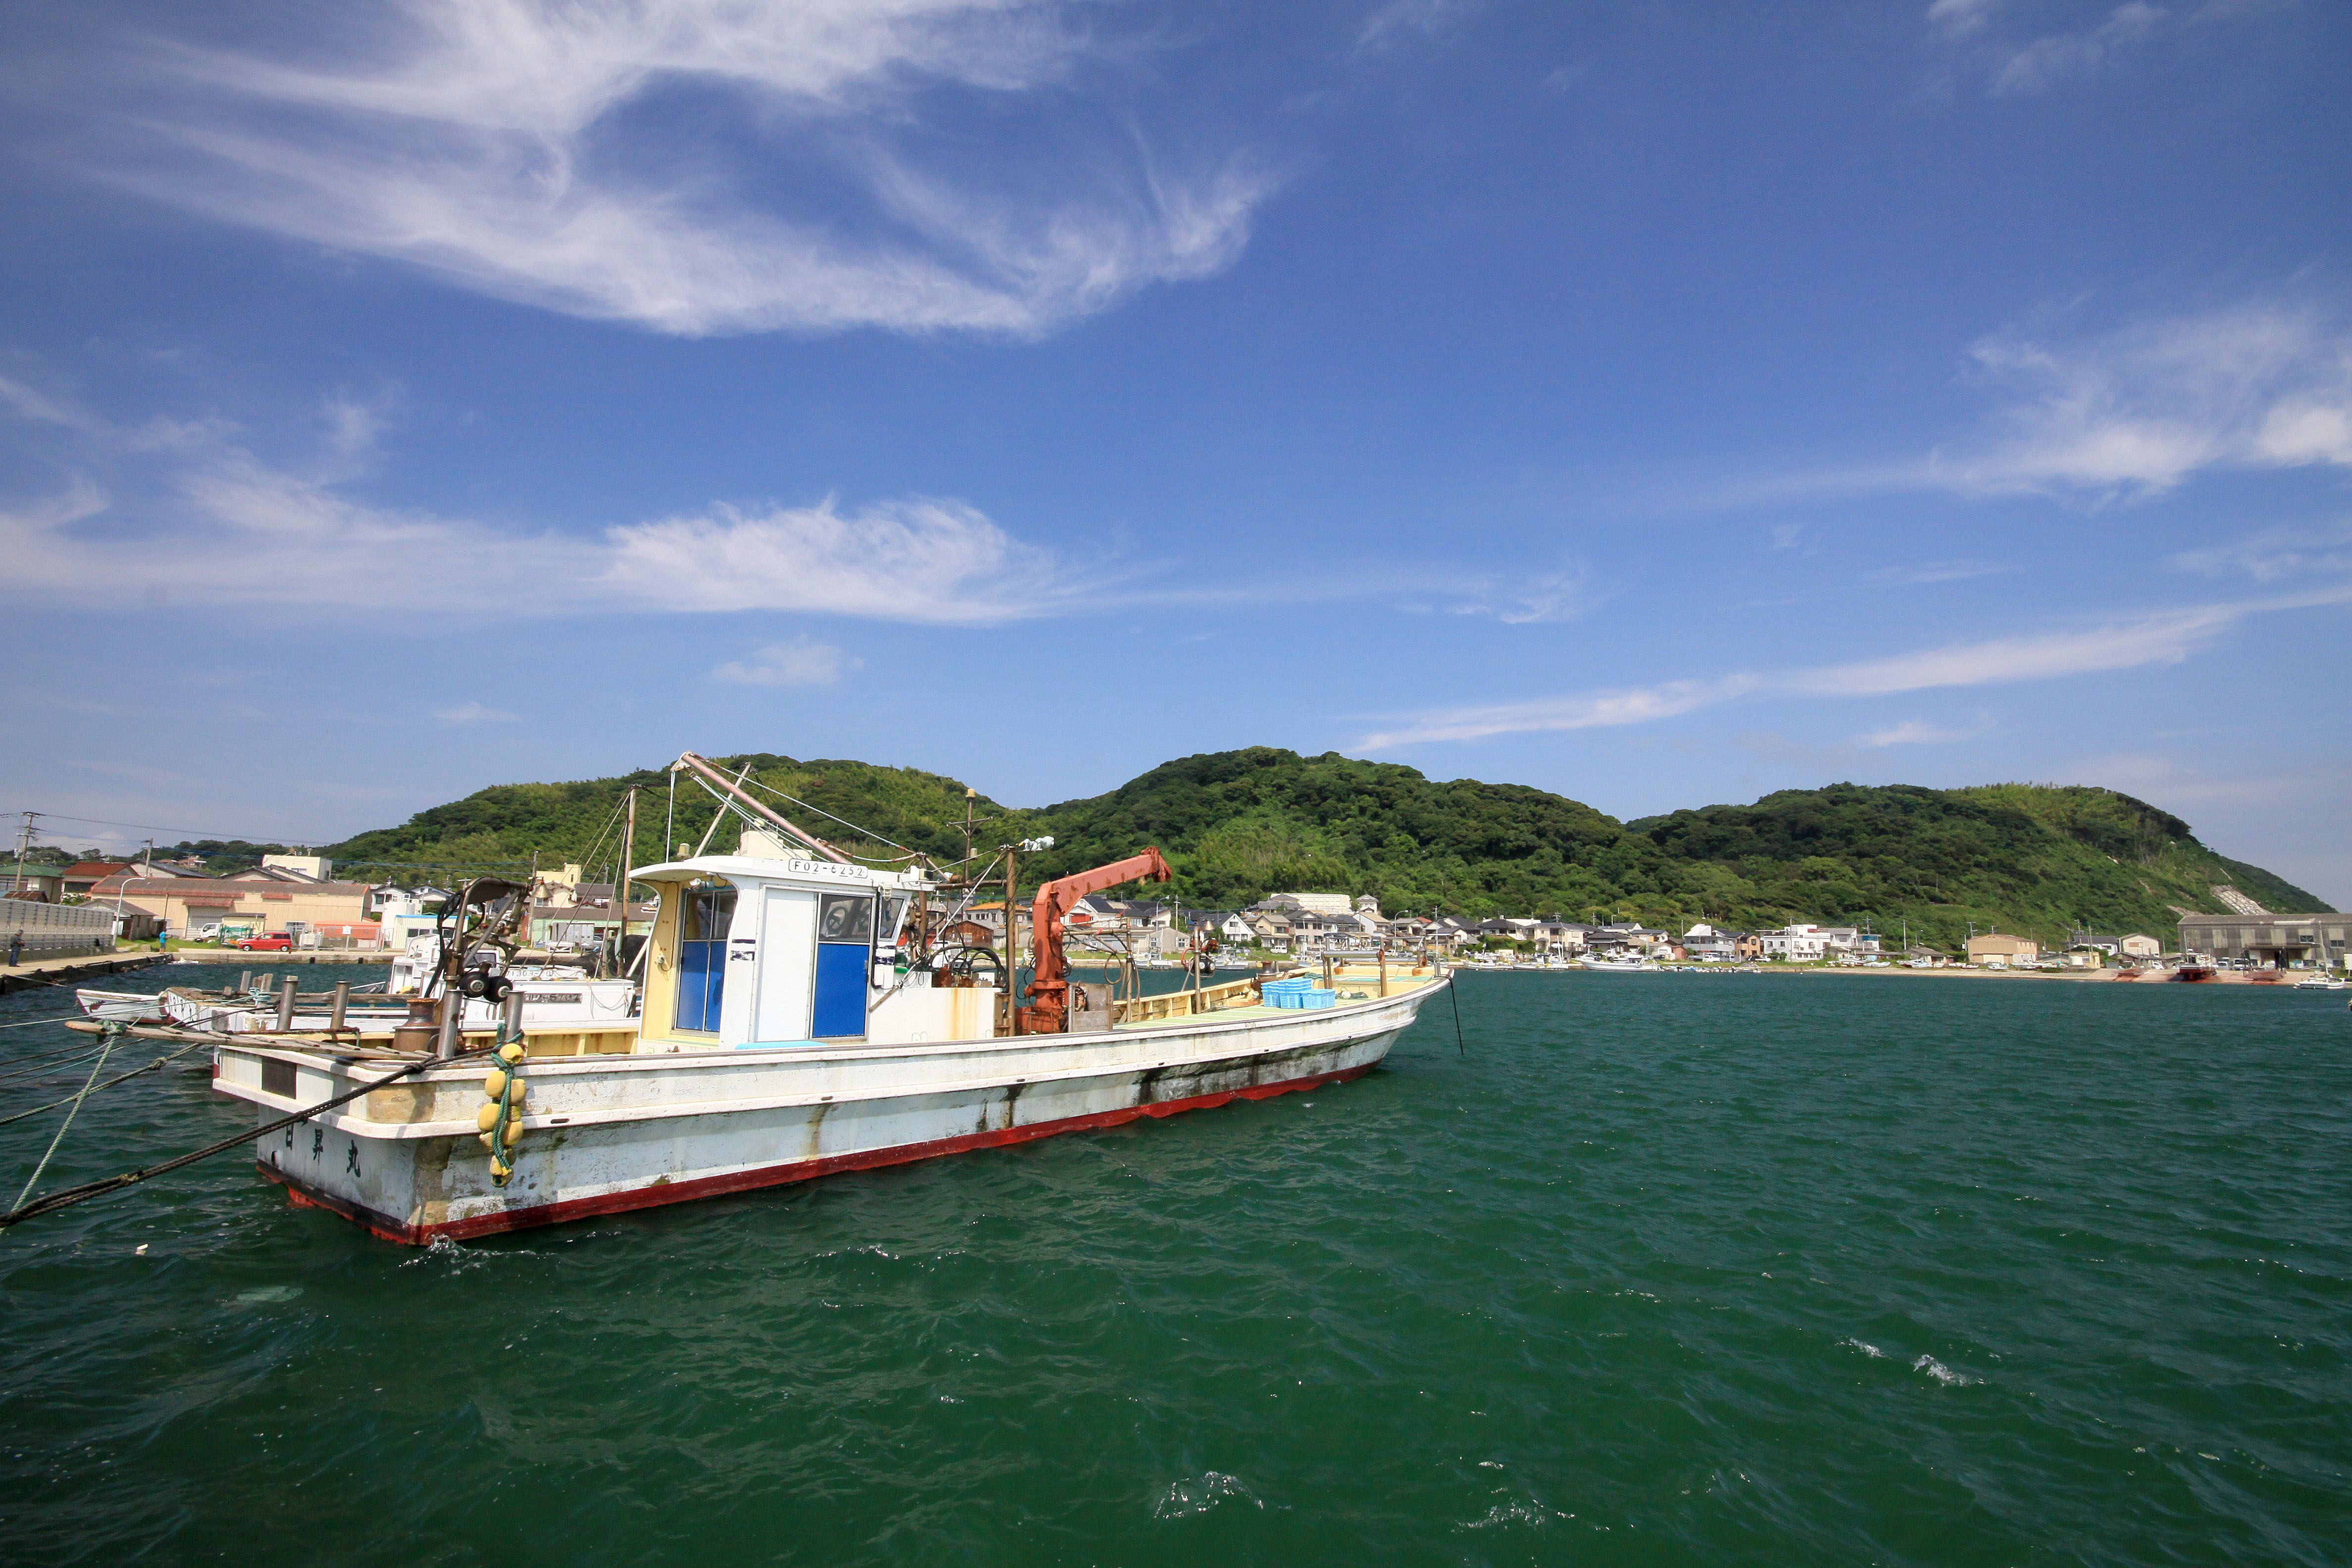 志賀島漁港(2009)の画像